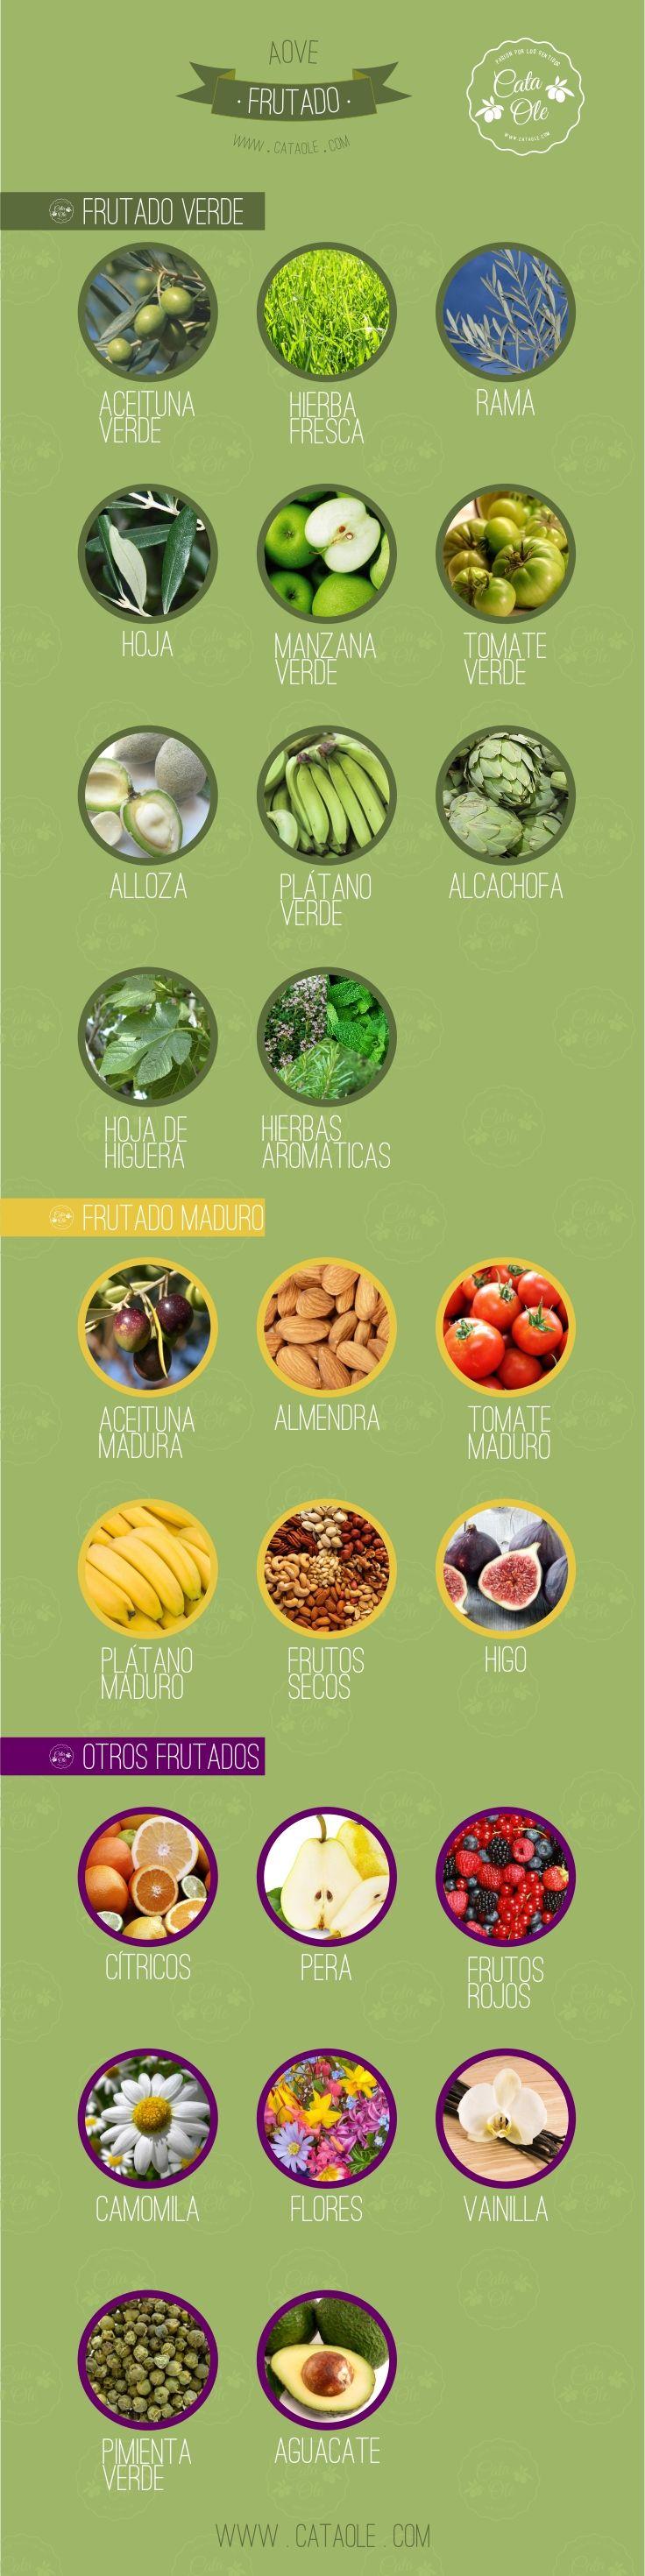 El Frutado en el Aceite de Oliva